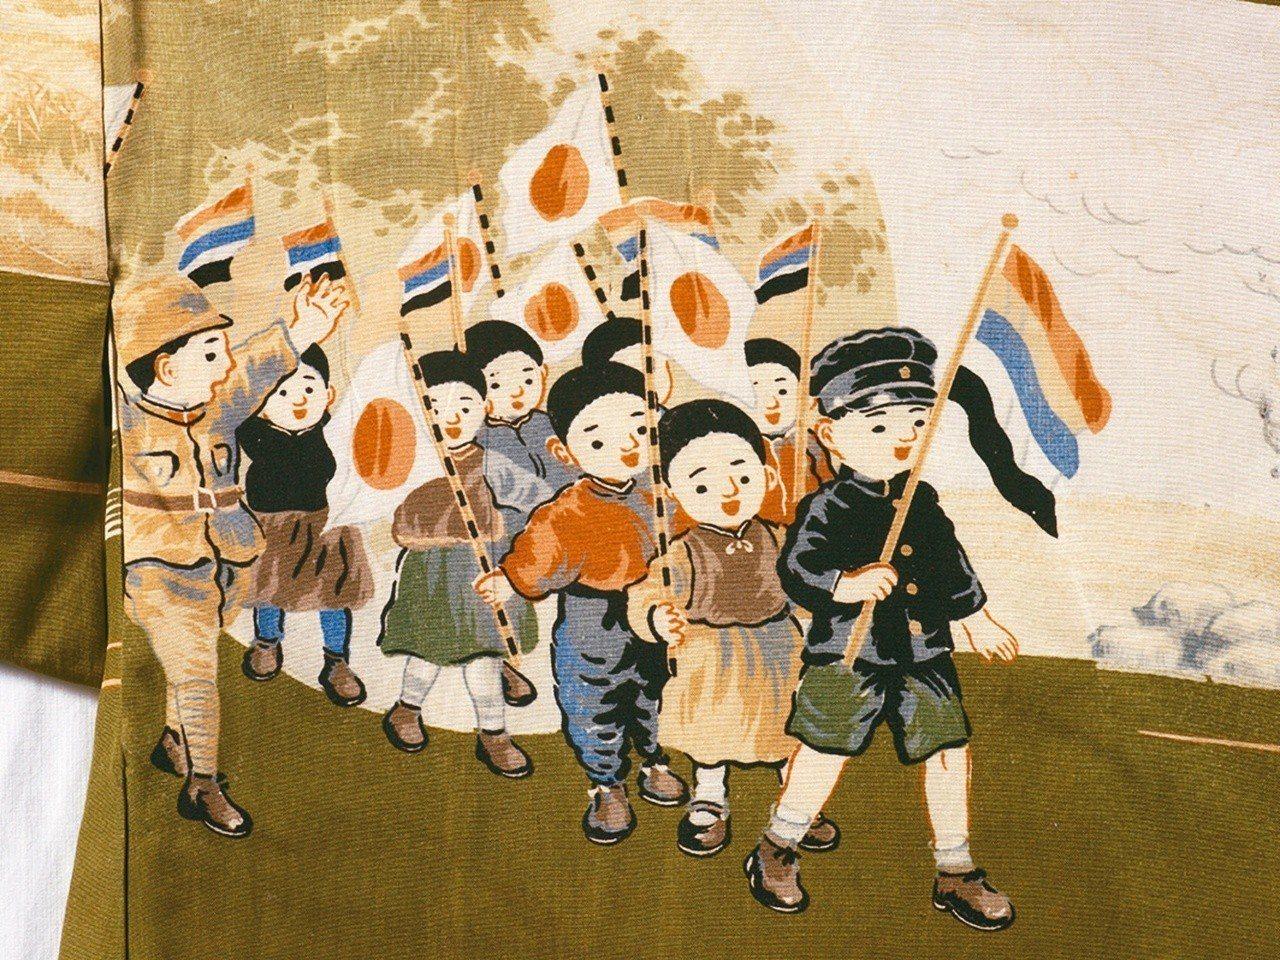 圖2:底端圖案是兒童拿著五色旗和日章旗遊行。